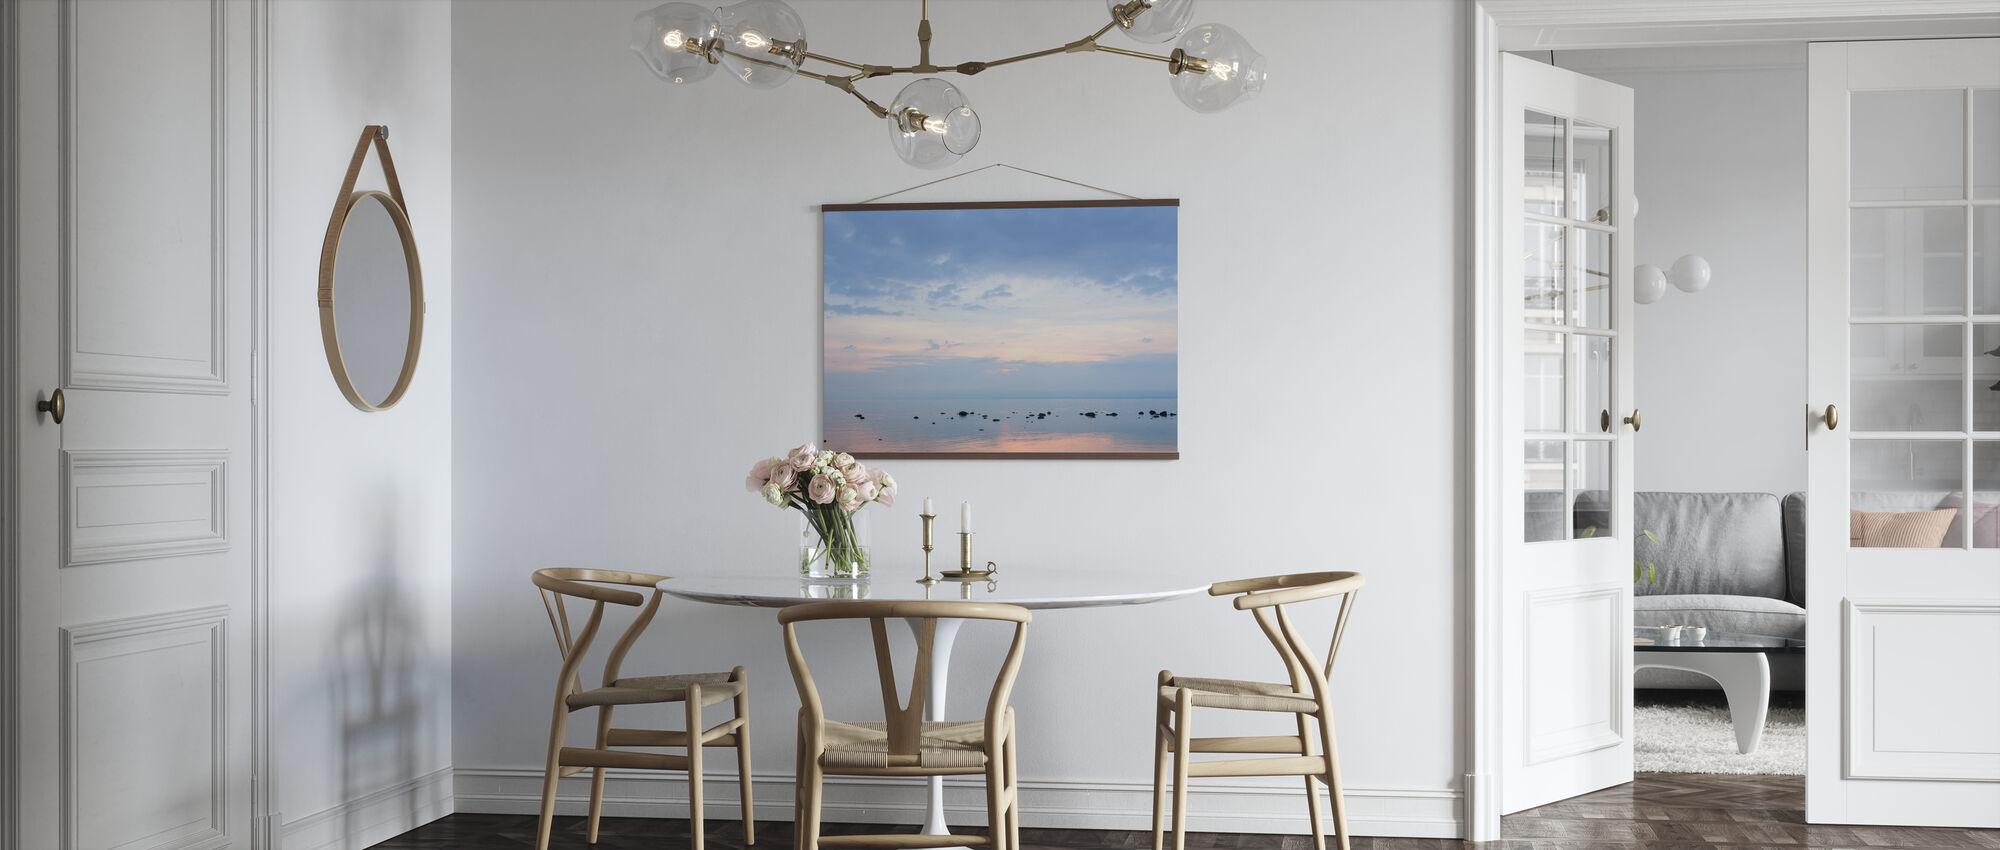 Gotland Harmony - Plakat - Kjøkken